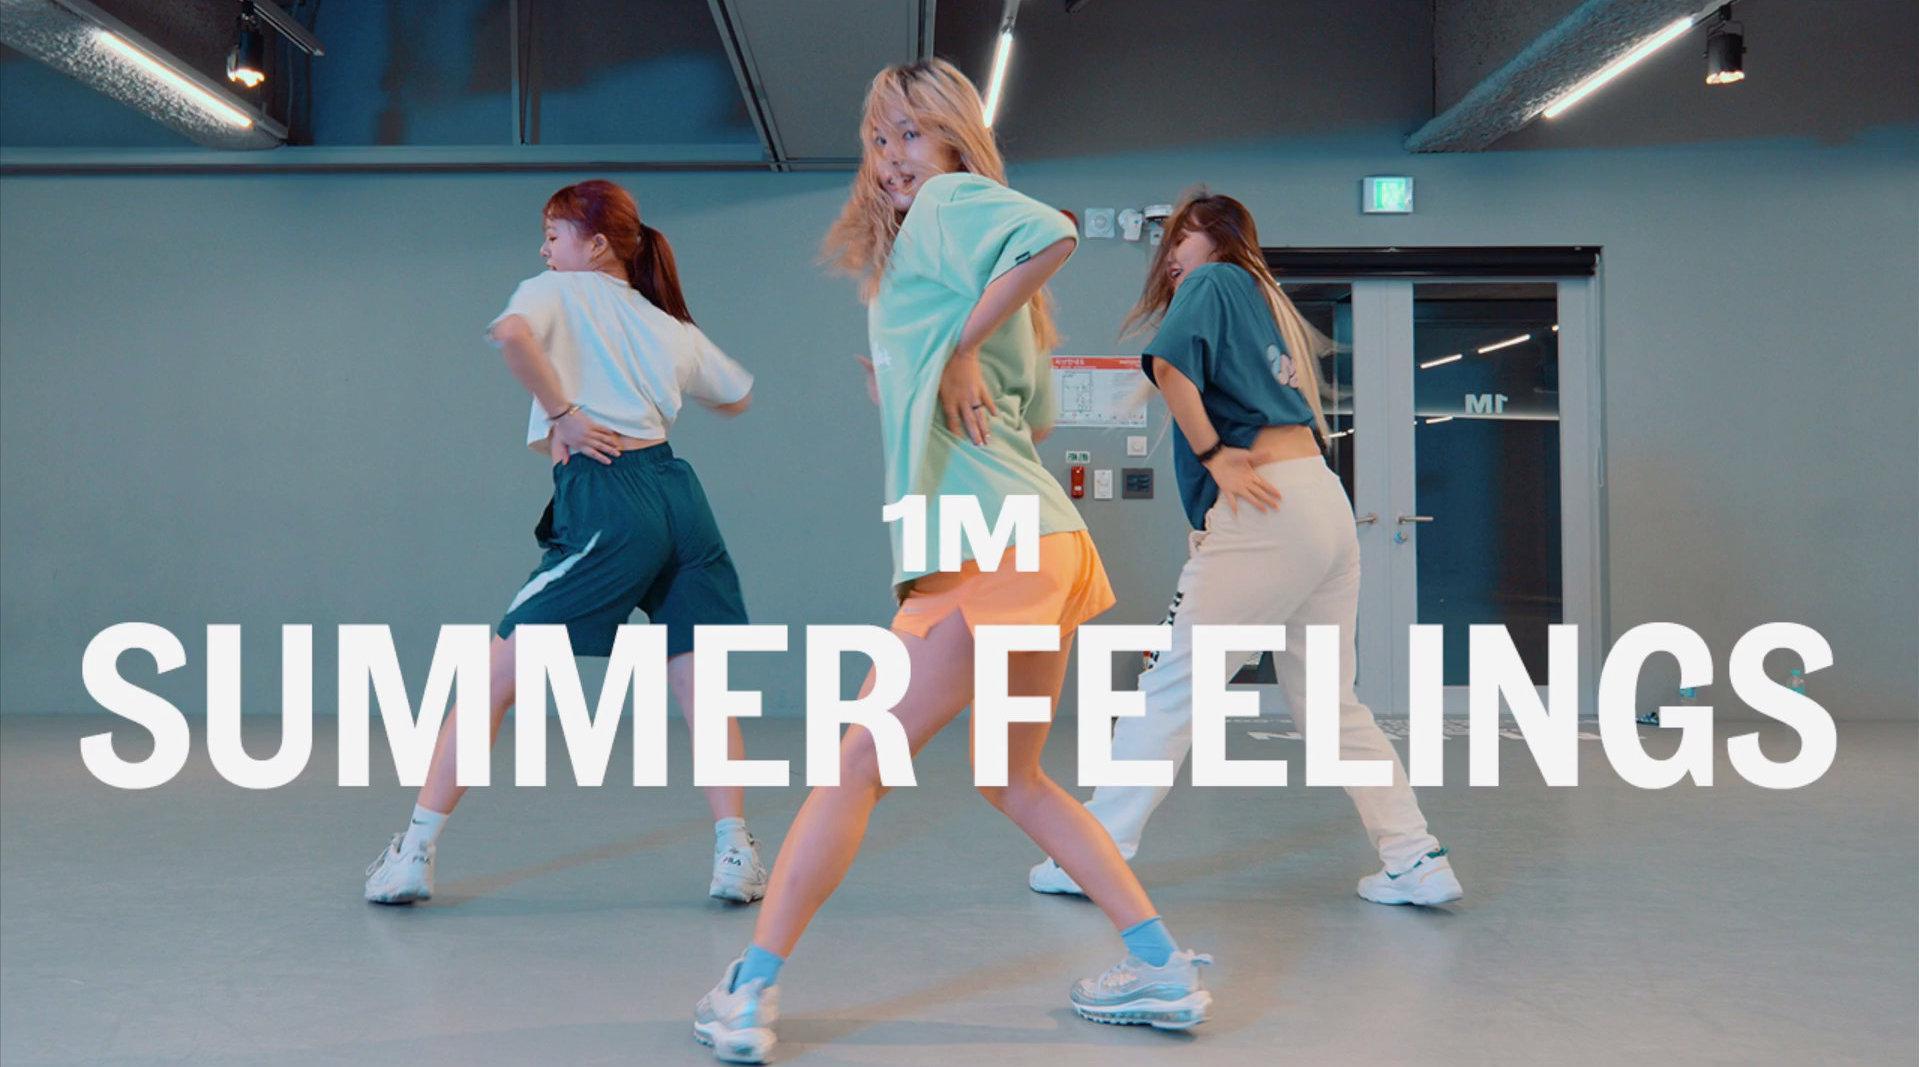 韩国1M舞室 Ara Cho 编舞,音乐《Summer Feelings》